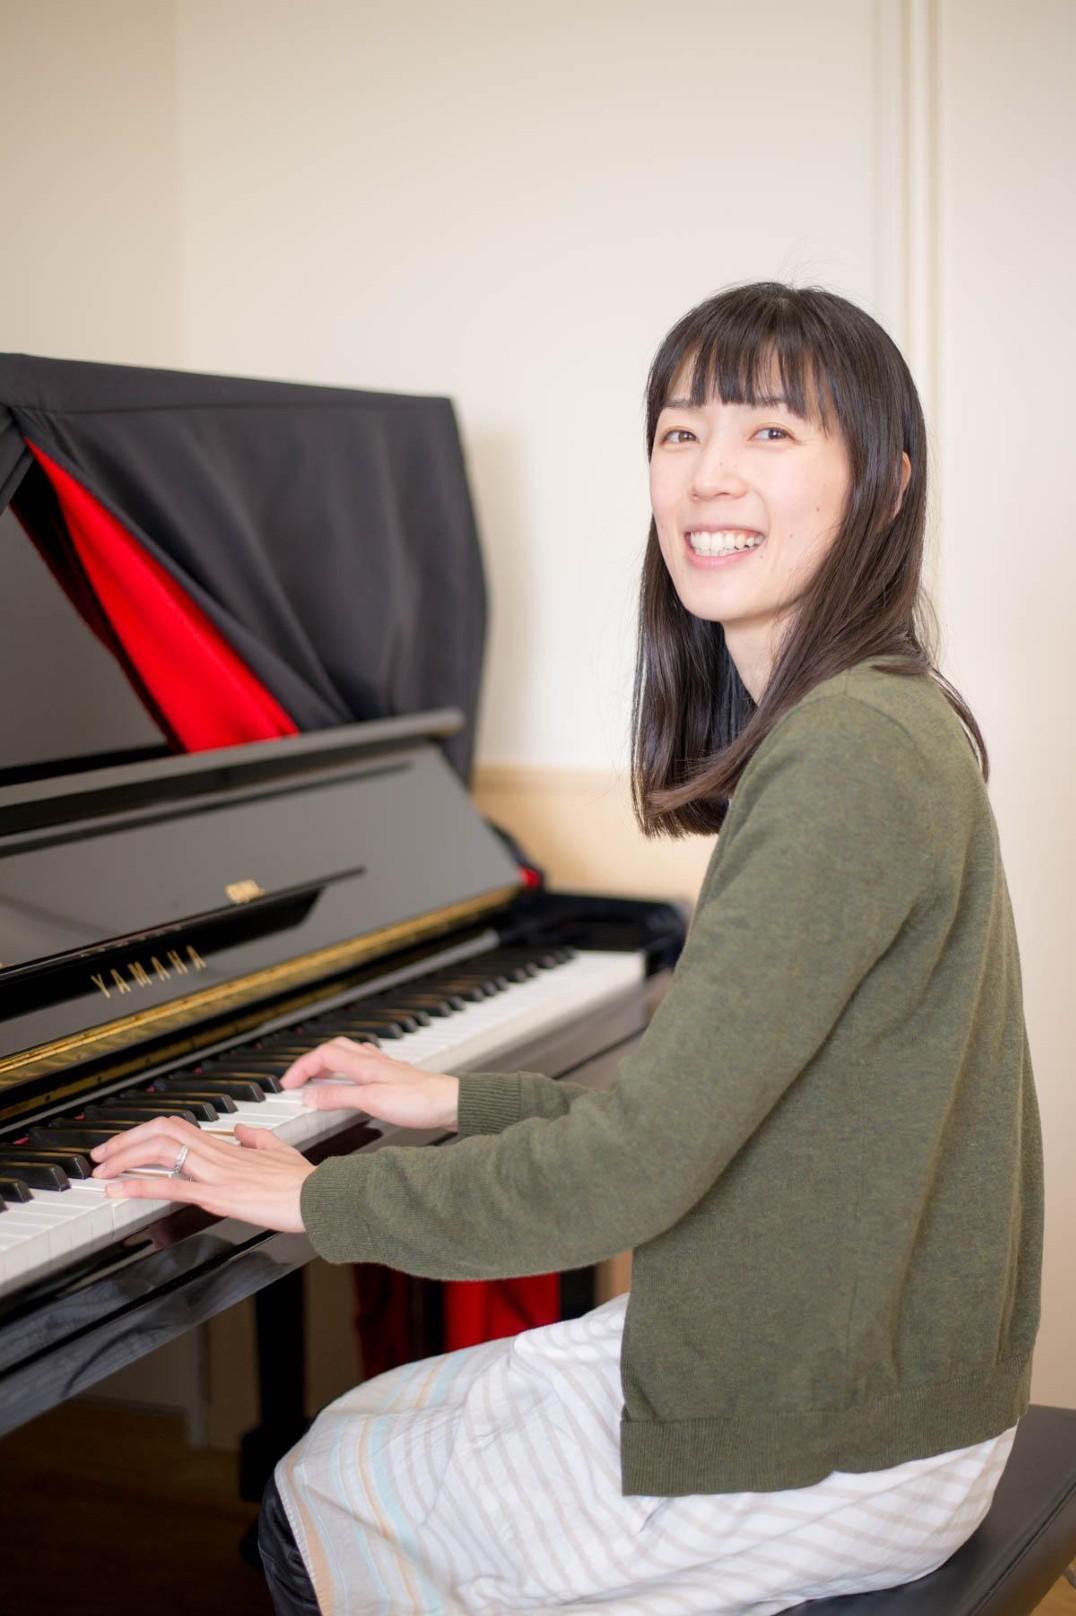 プロミュージシャンが教えるリトミック教室「三軒茶屋リトミックスタジオ」